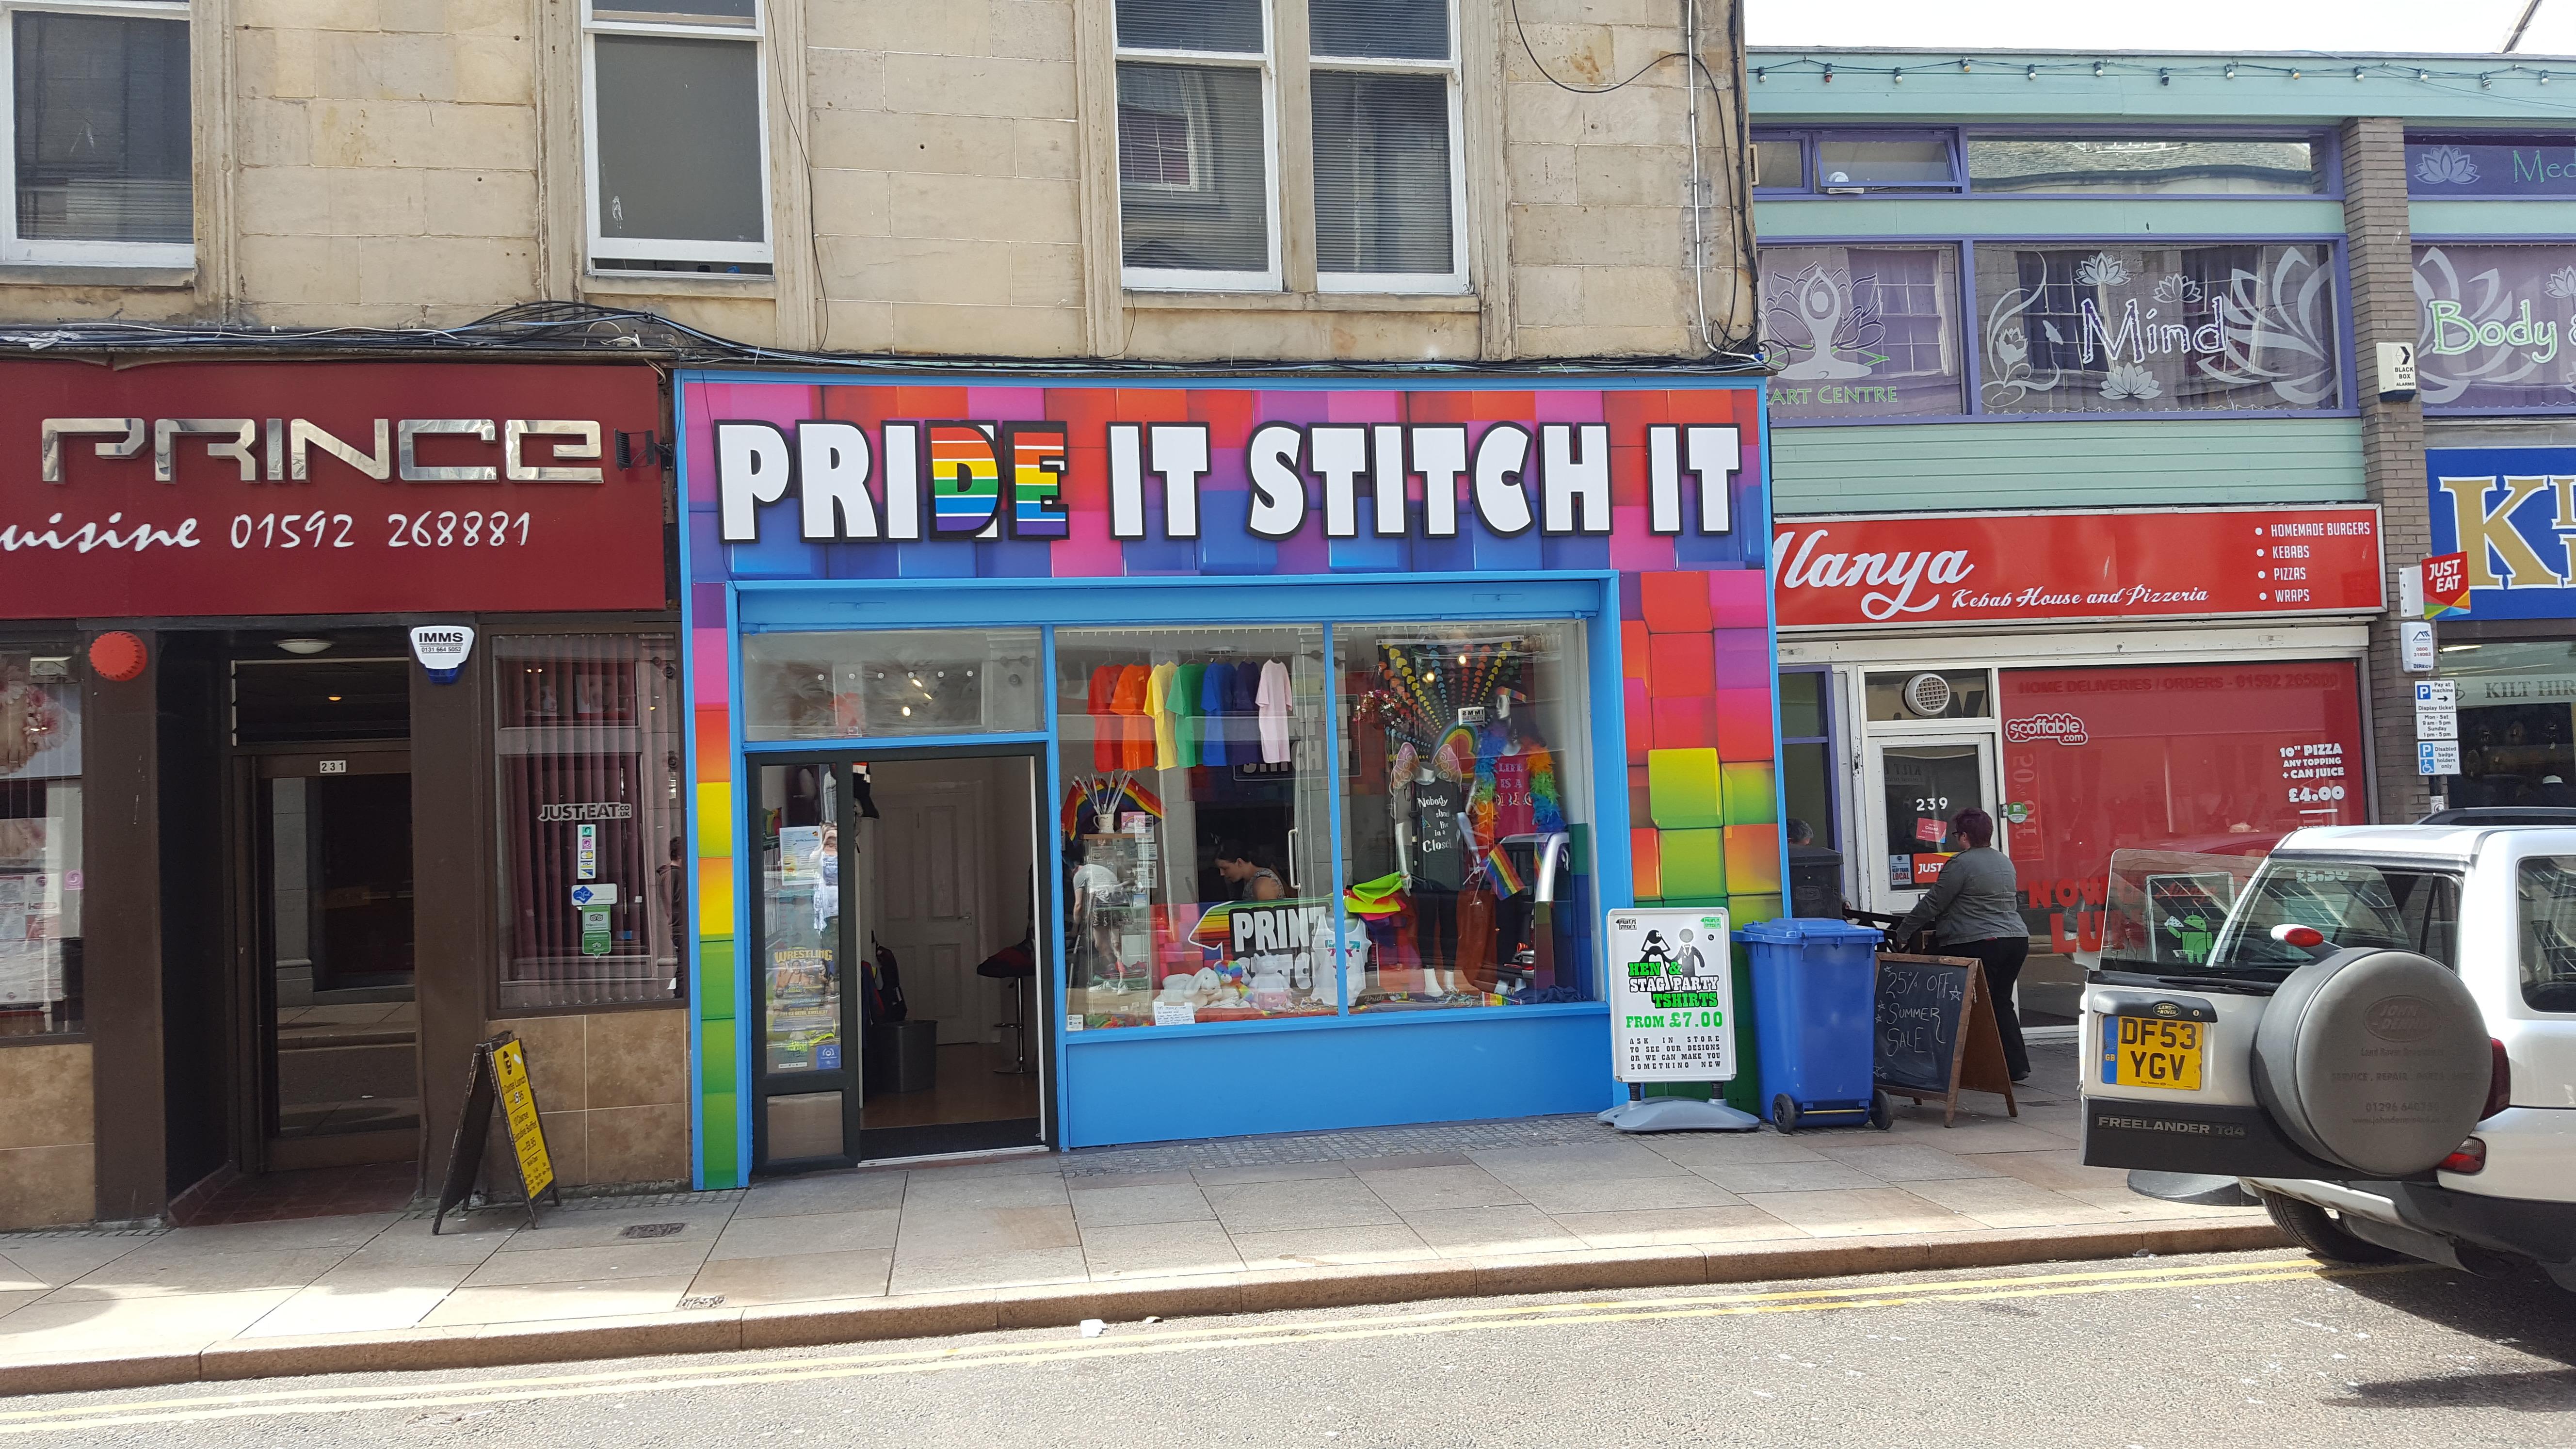 Pride It Stitch It Shop Front